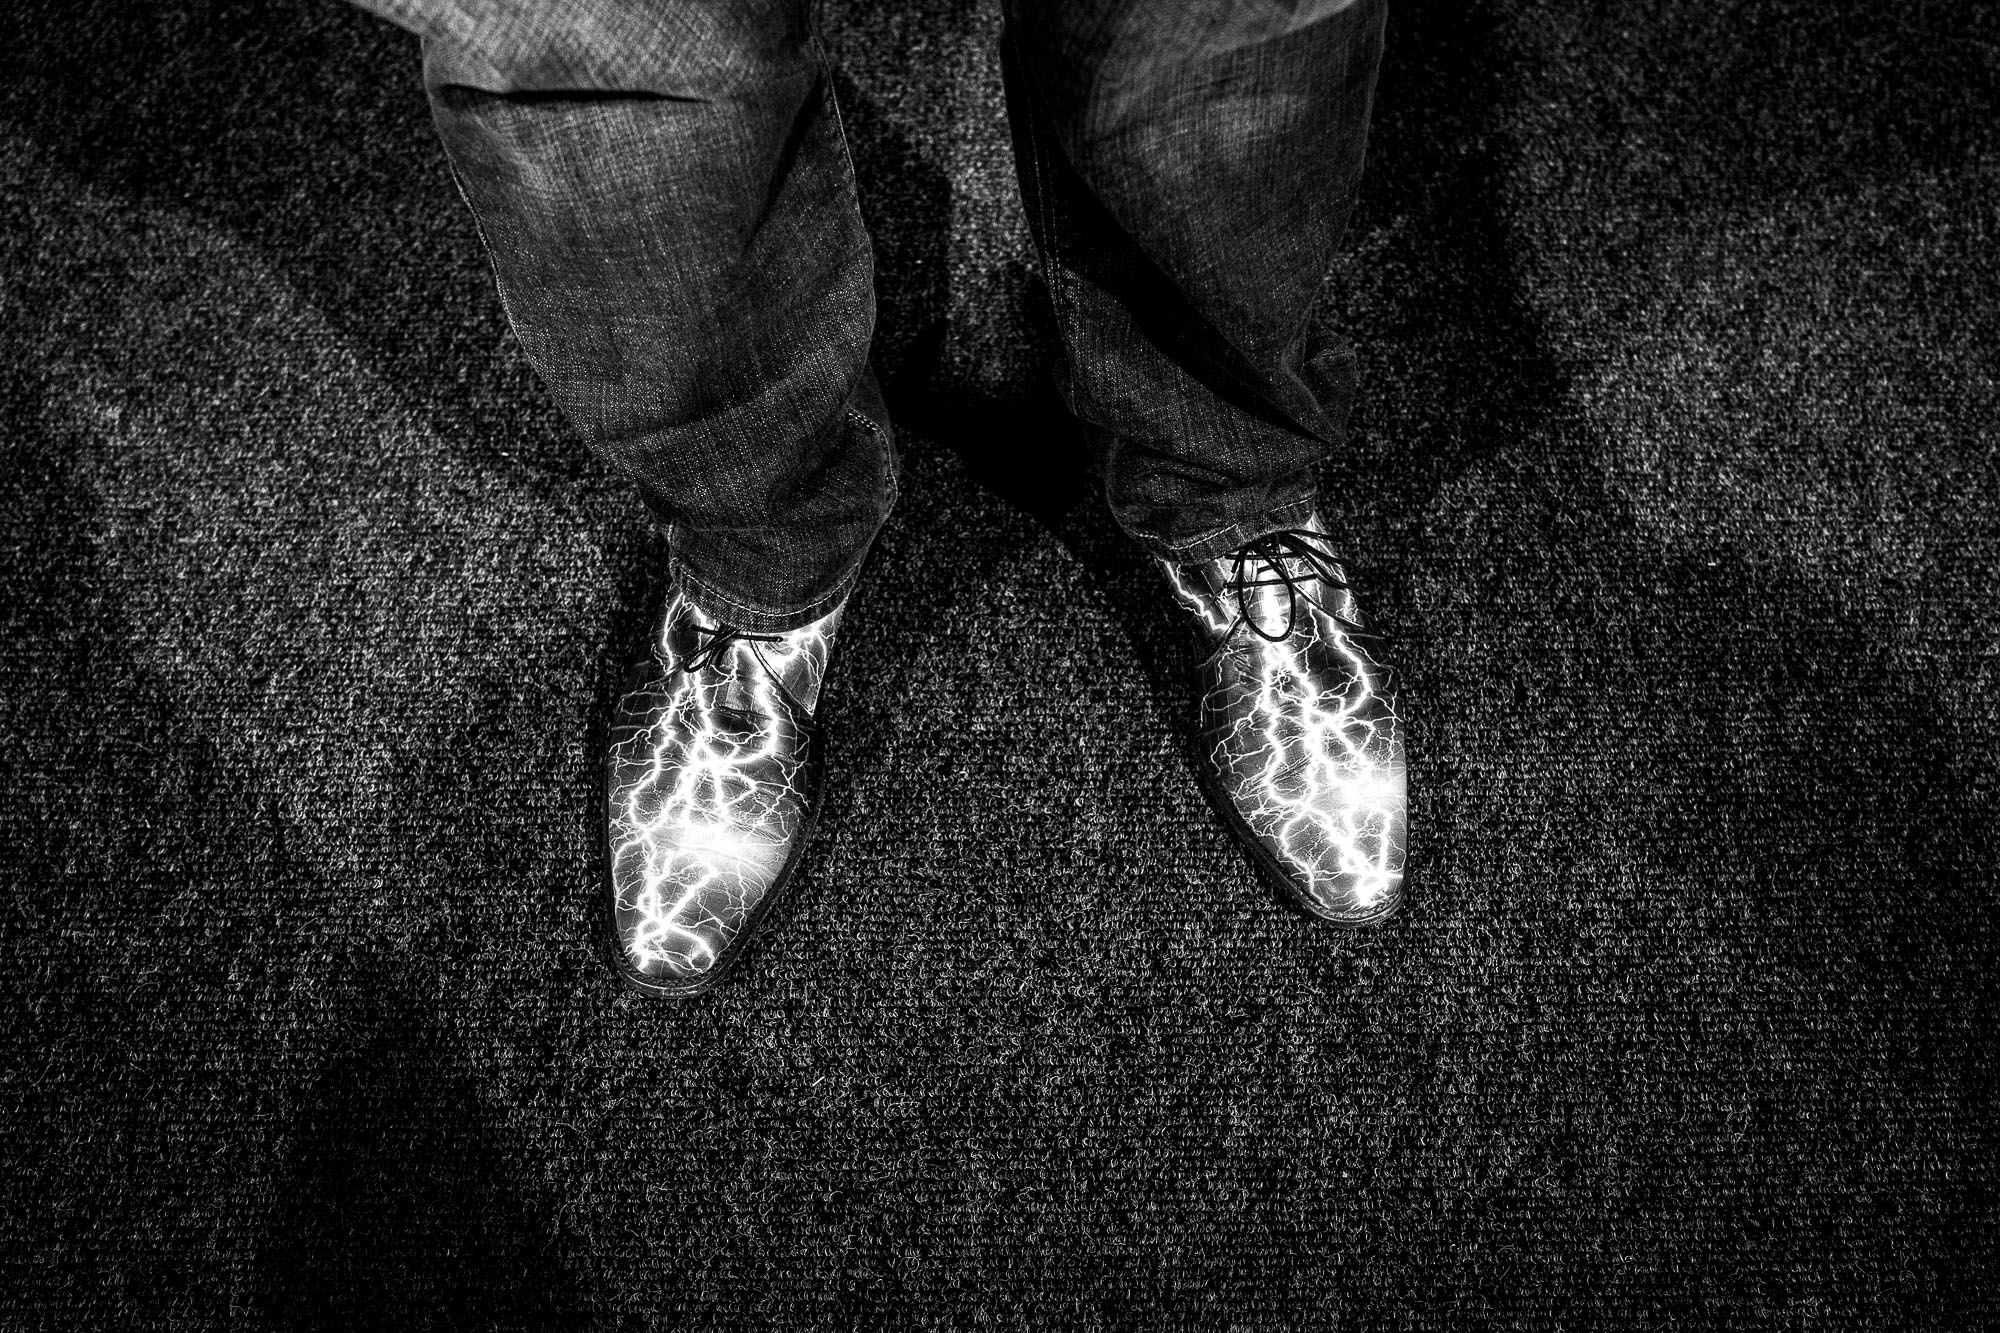 Mike Herchel's shoes